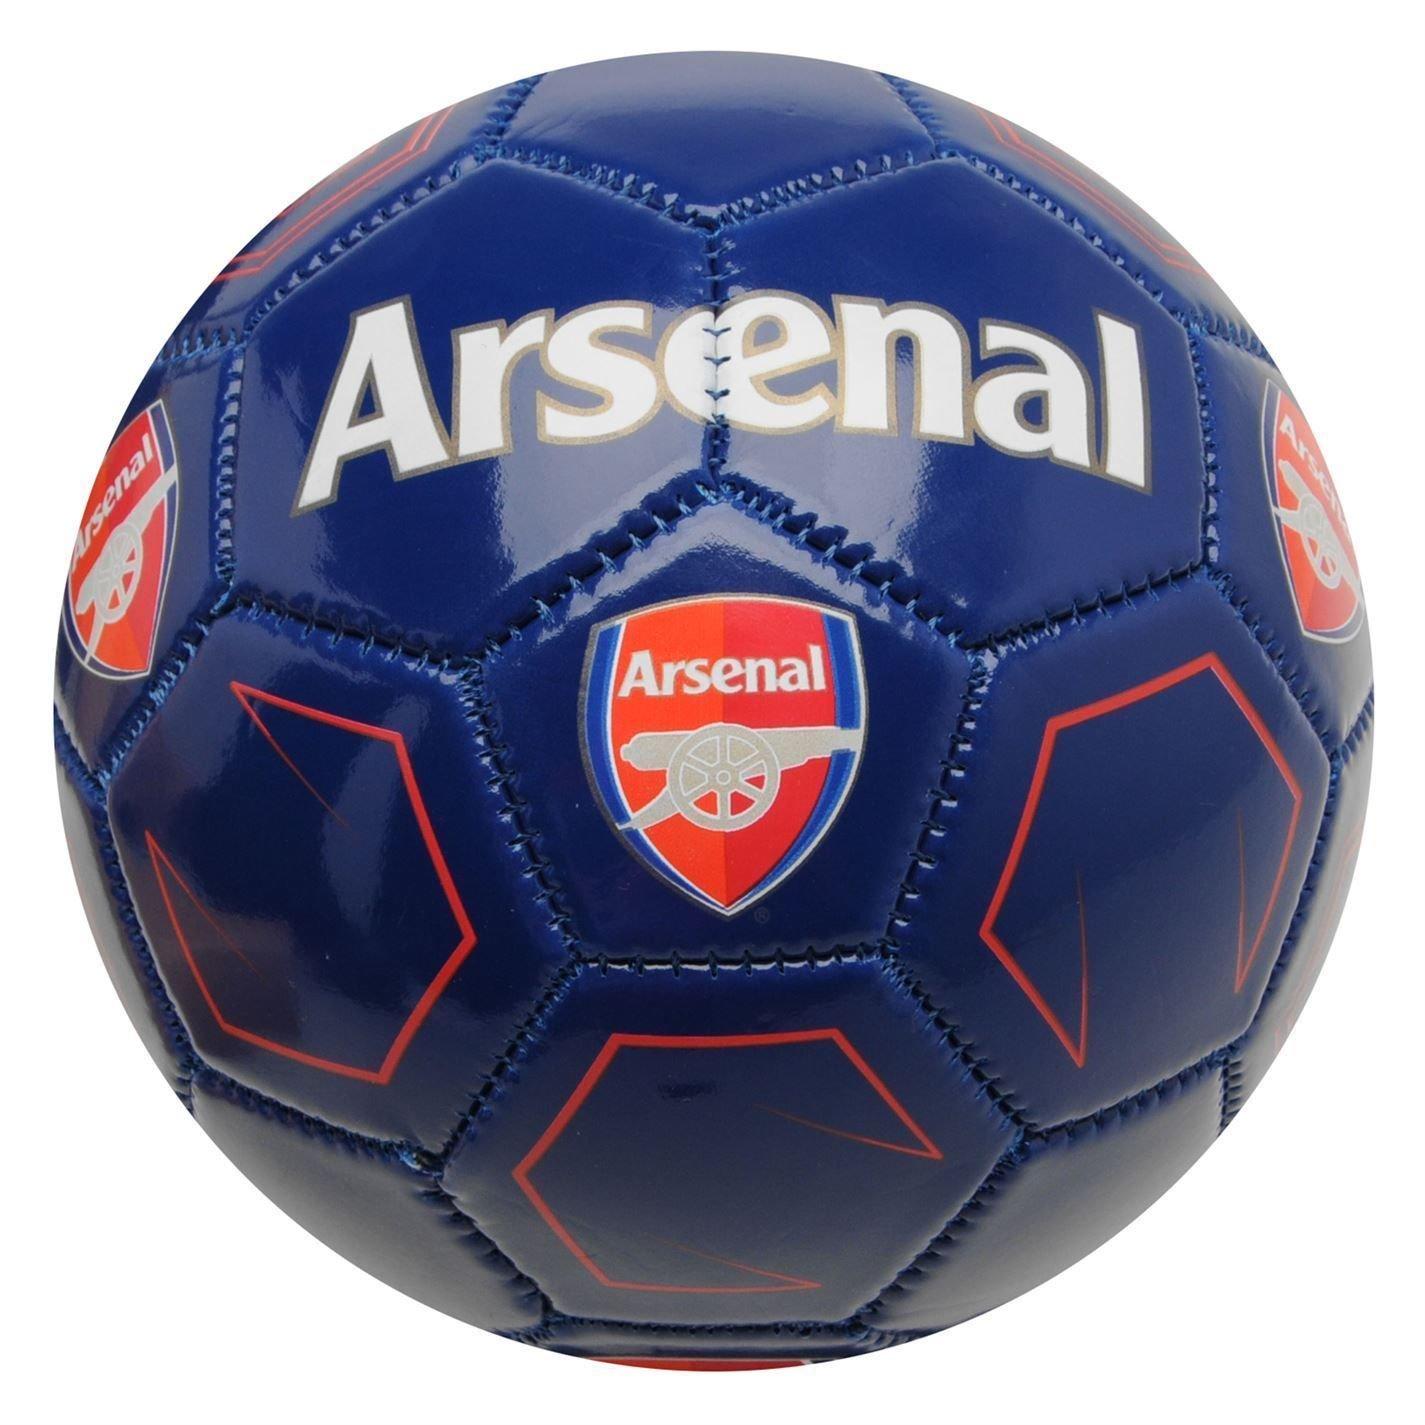 アーセナルFCチームFootball EPL Gunnersサッカーボールサイズ1 B010H6E5U2